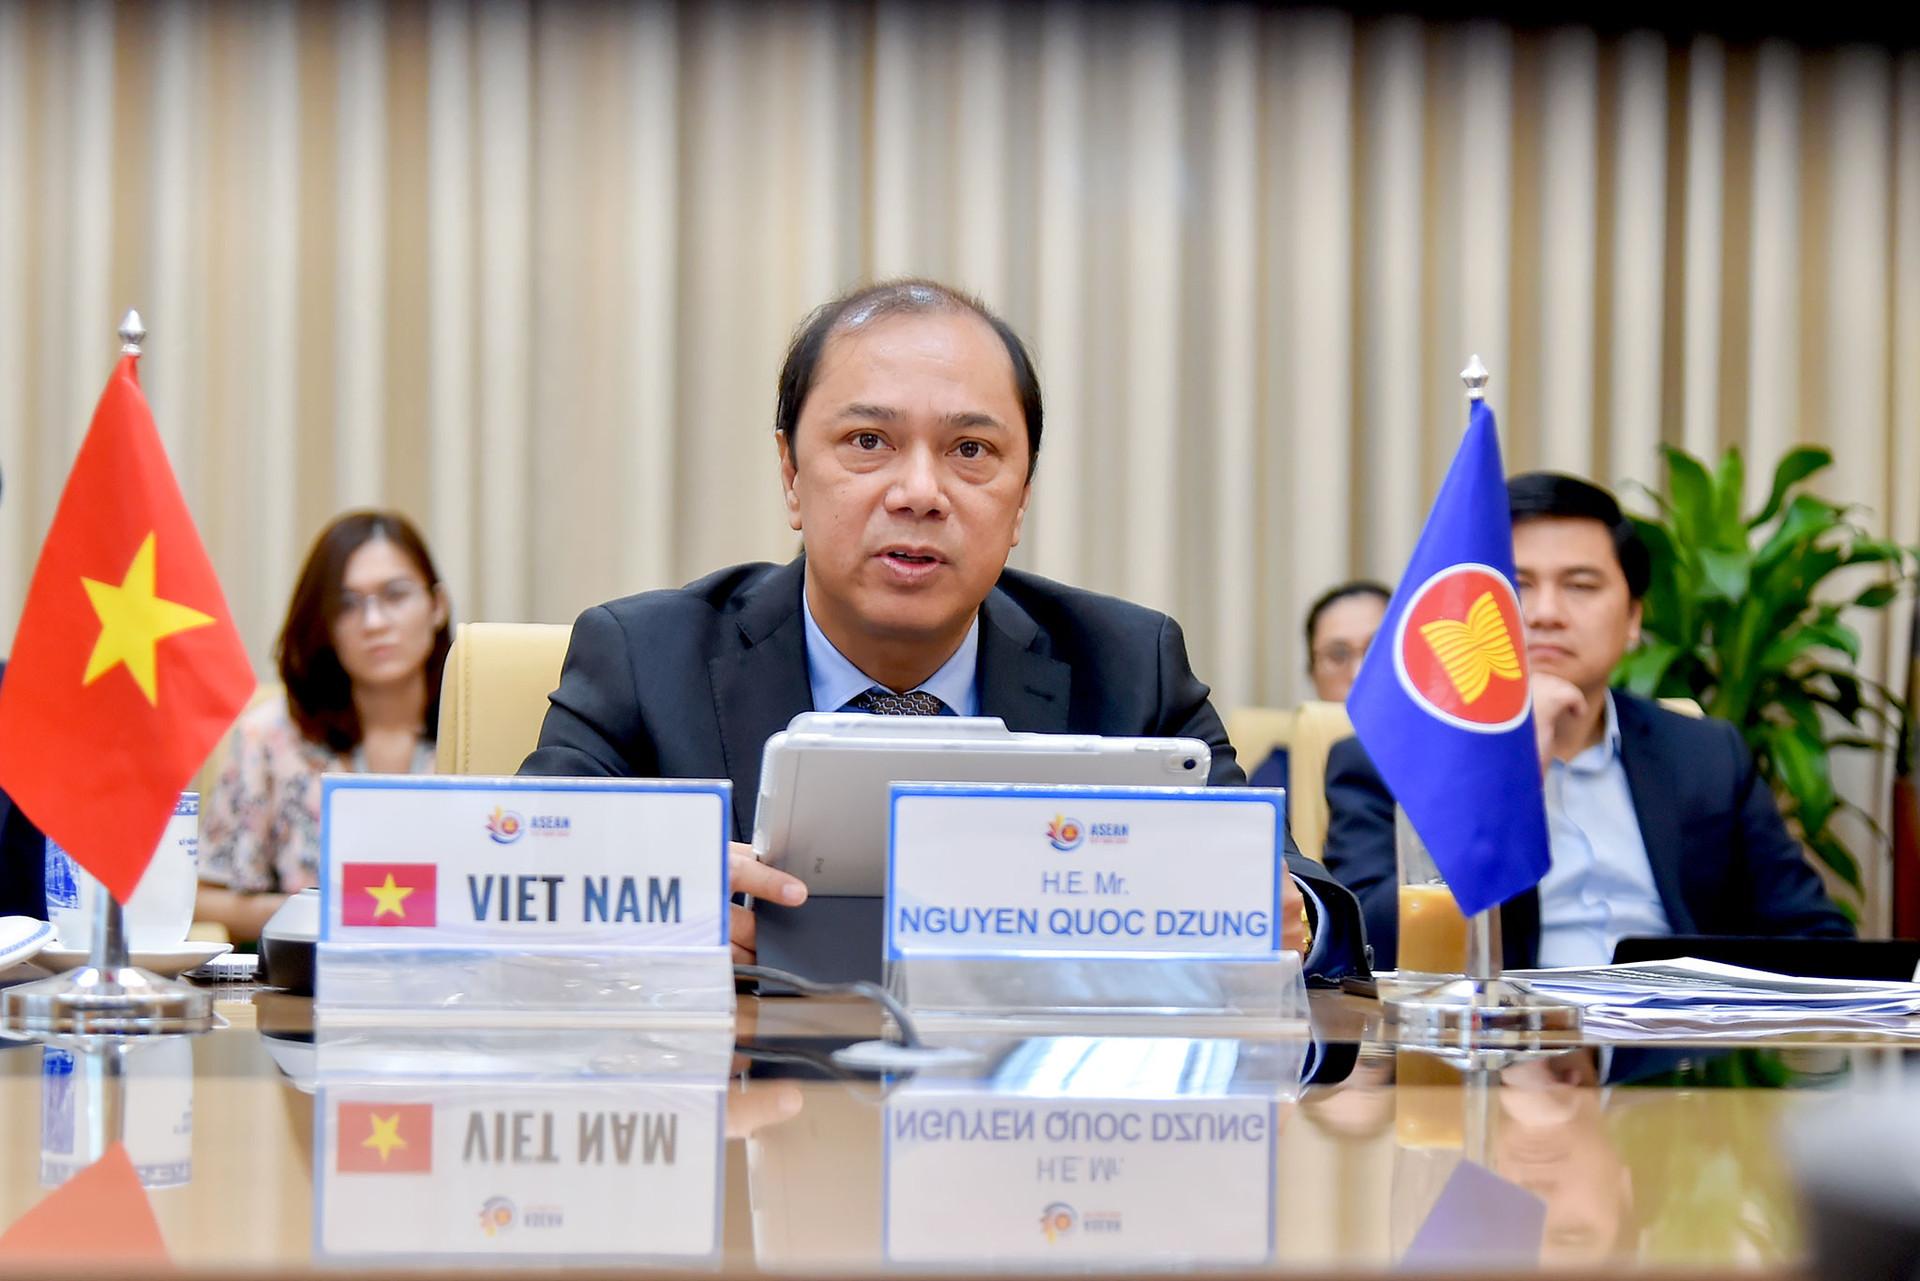 Phục hồi sau đại dịch COVID-19: Hướng tới một Cộng đồng ASEAN mạnh mẽ hơn